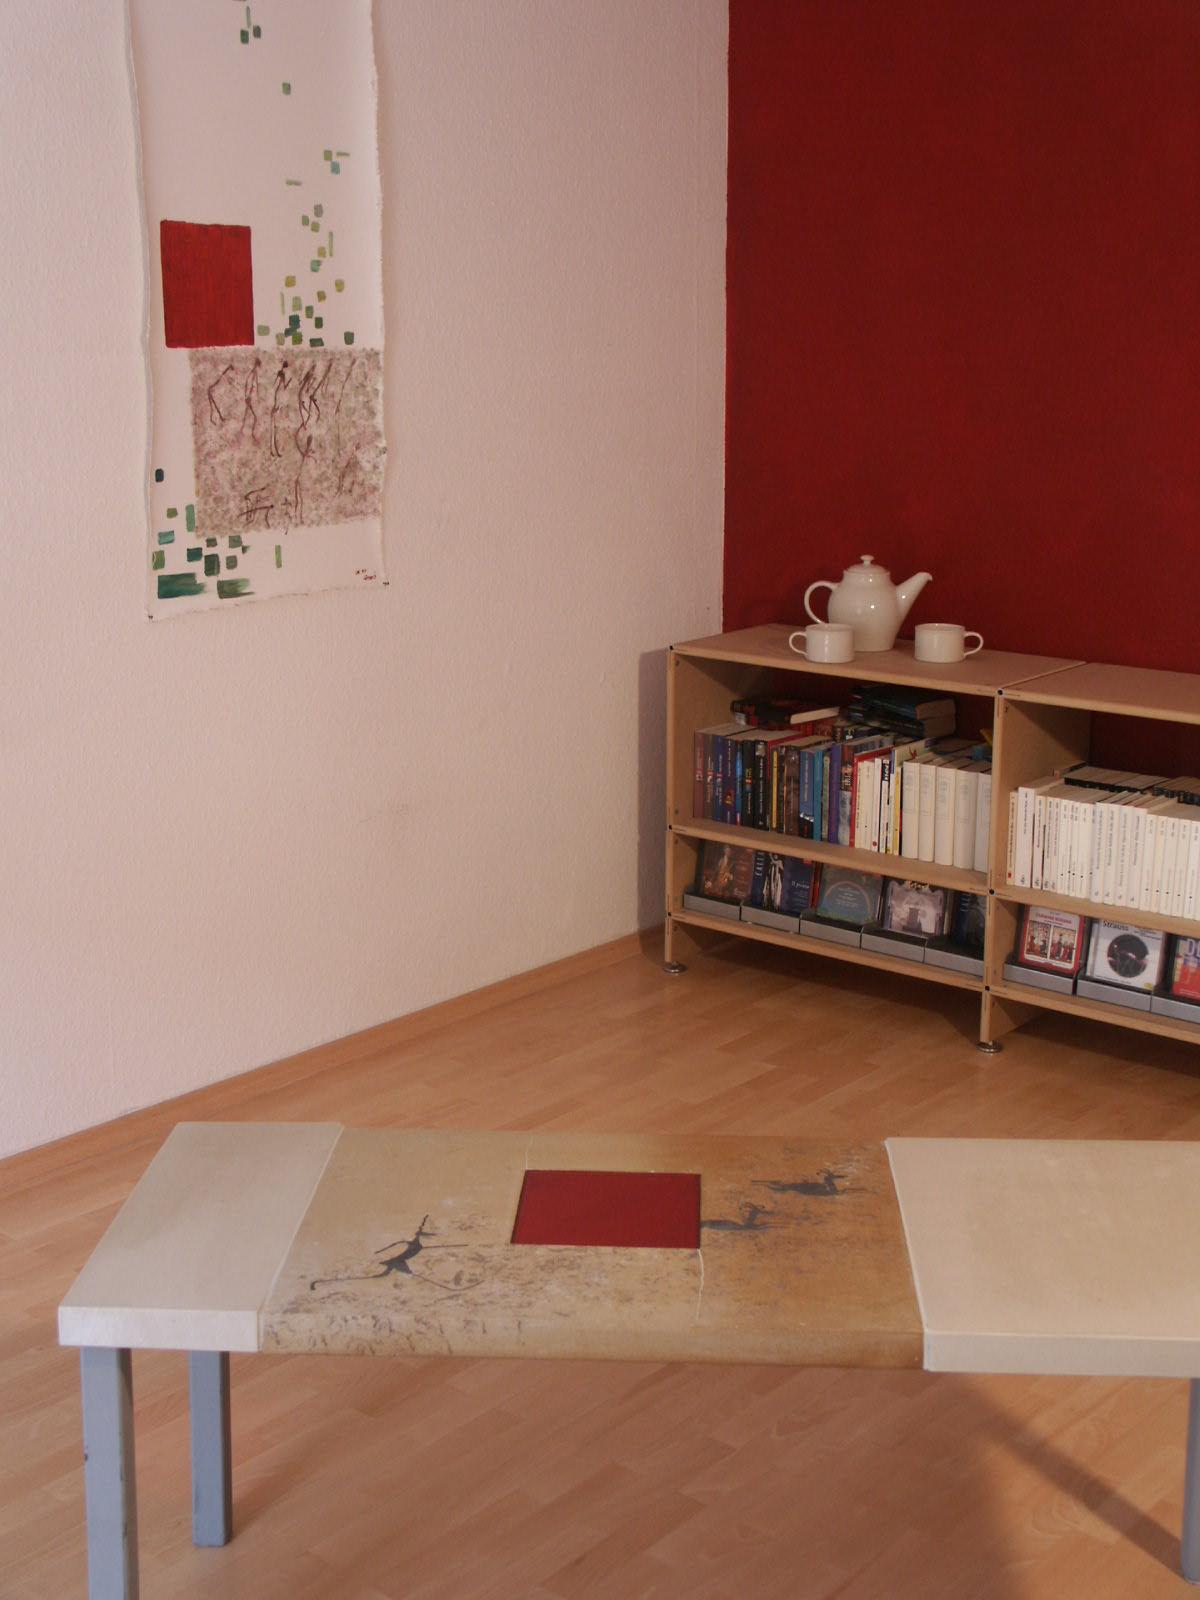 Interiourdesign: Tisch, Bild, Geschirr von Nicole Wessels